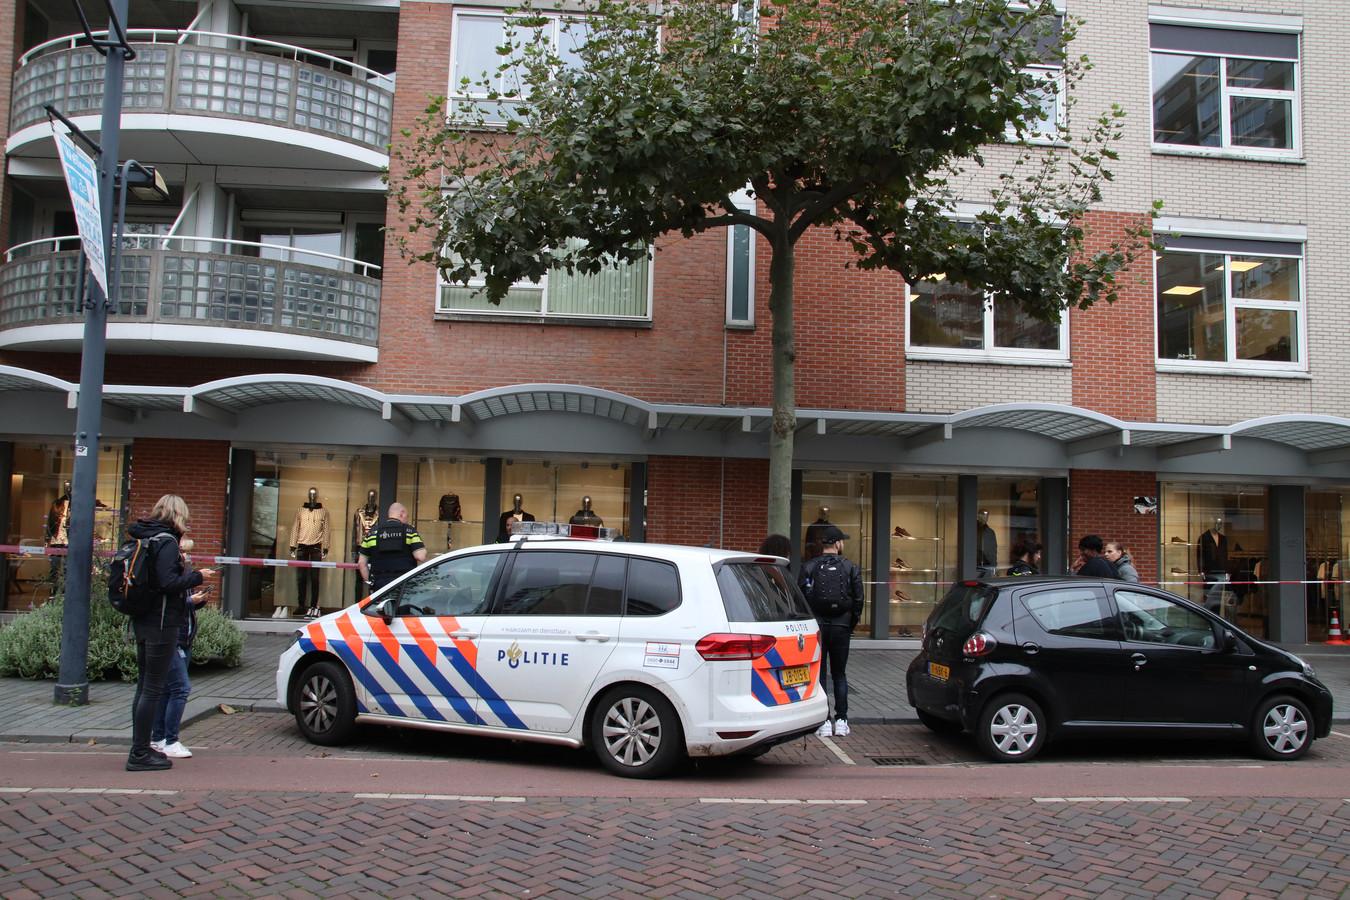 De politie doet onderzoek in de Karel Doormanstraat.